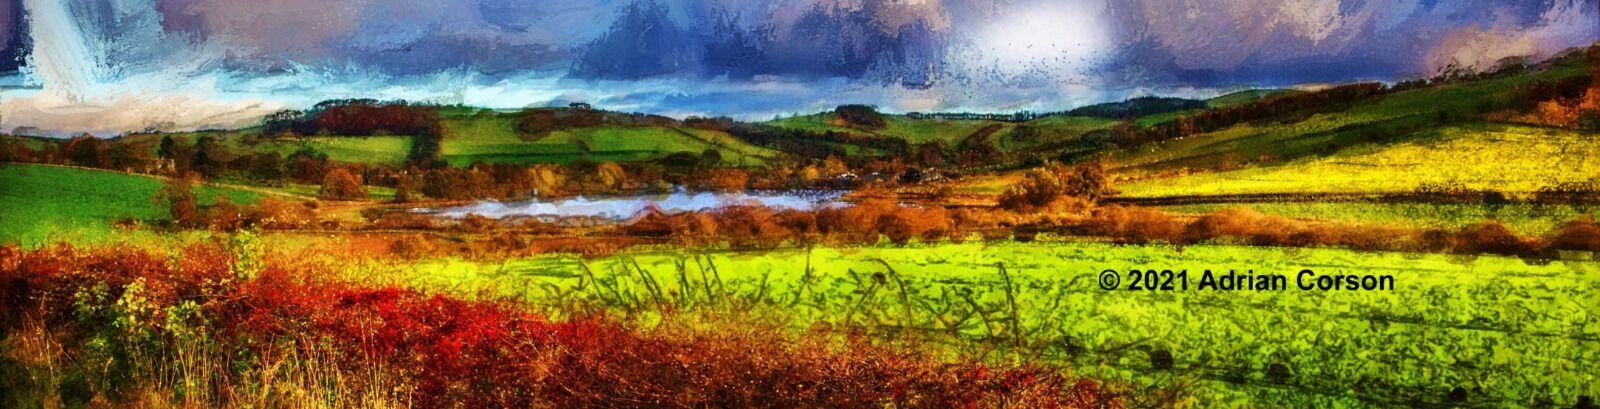 188-green fields